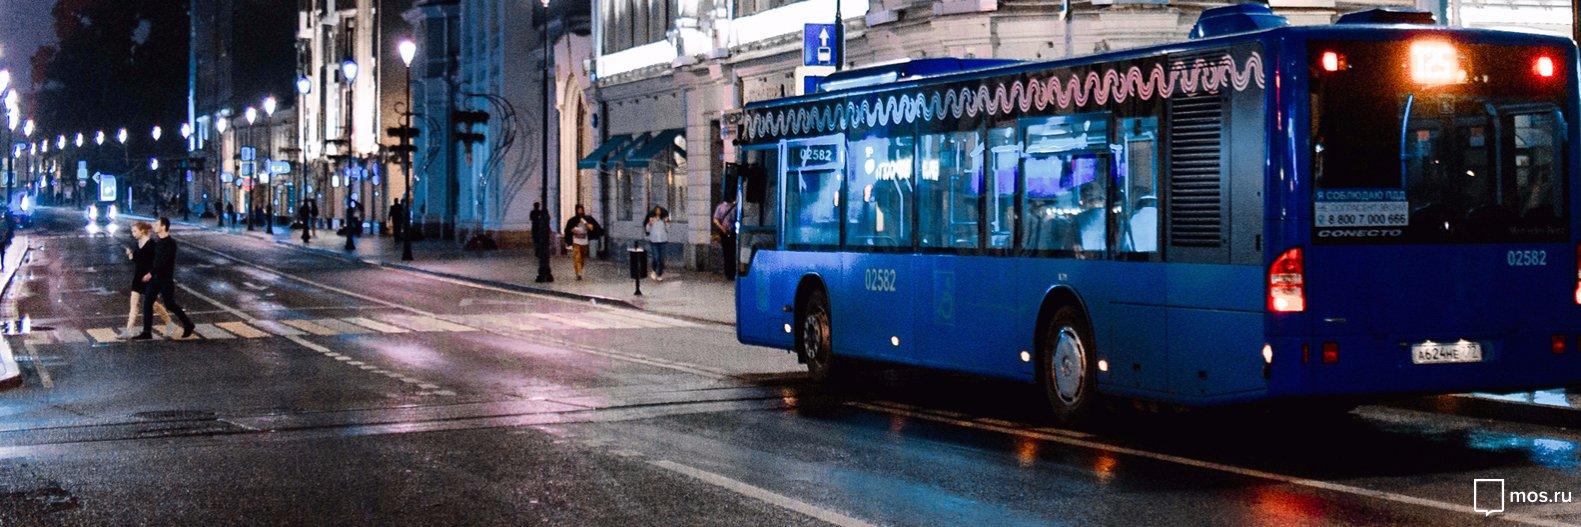 Спрос на ночные маршруты наземного транспорта увеличился за год на 15 процентов. Официальный сайт Мэра Москвы